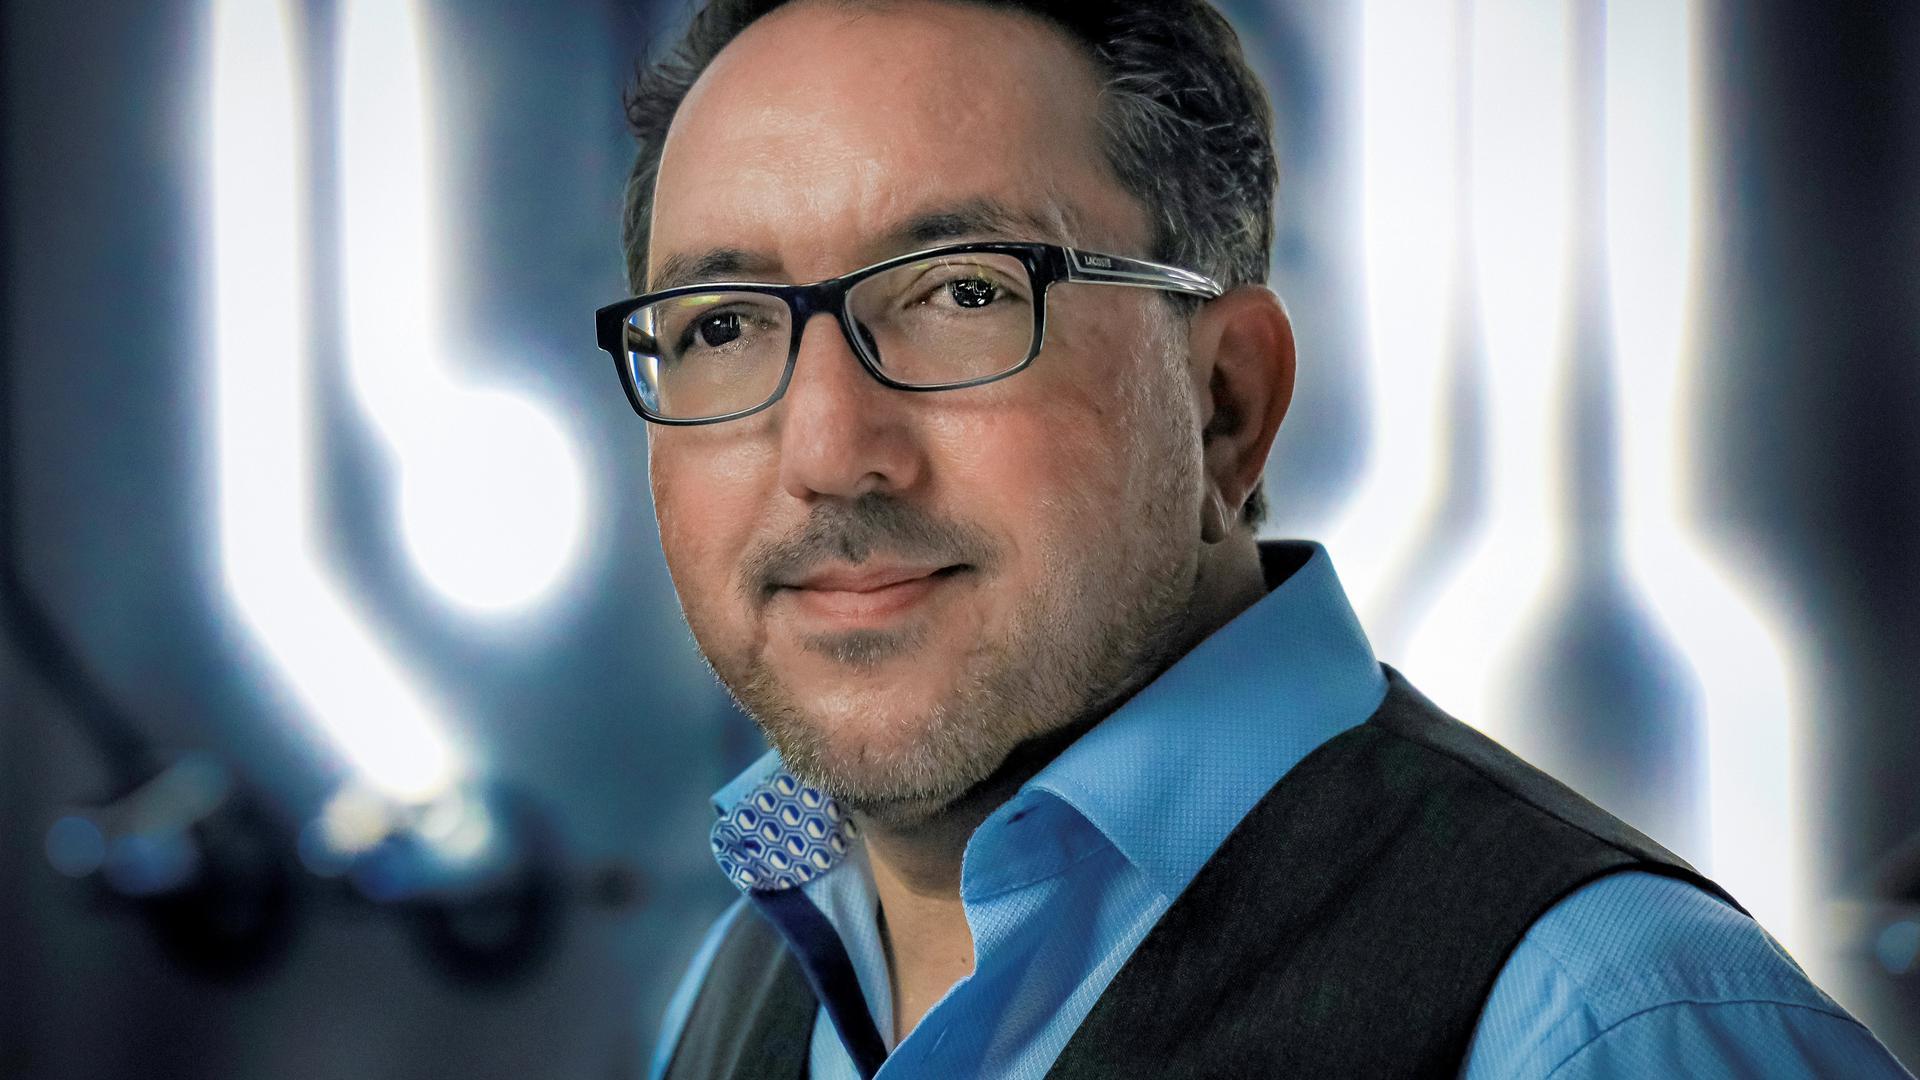 Ebenfalls zu den Podiumsmitgliedern zählt Cawa Younosi, Personalchef und Mitglied der Geschäftsführung von SAP Deutschland. Der studierte Jurist machte sich als renommierter Arbeitsrechtler einen Namen, bevor er zu dem Walldorfer IT-Unternehmen kam.